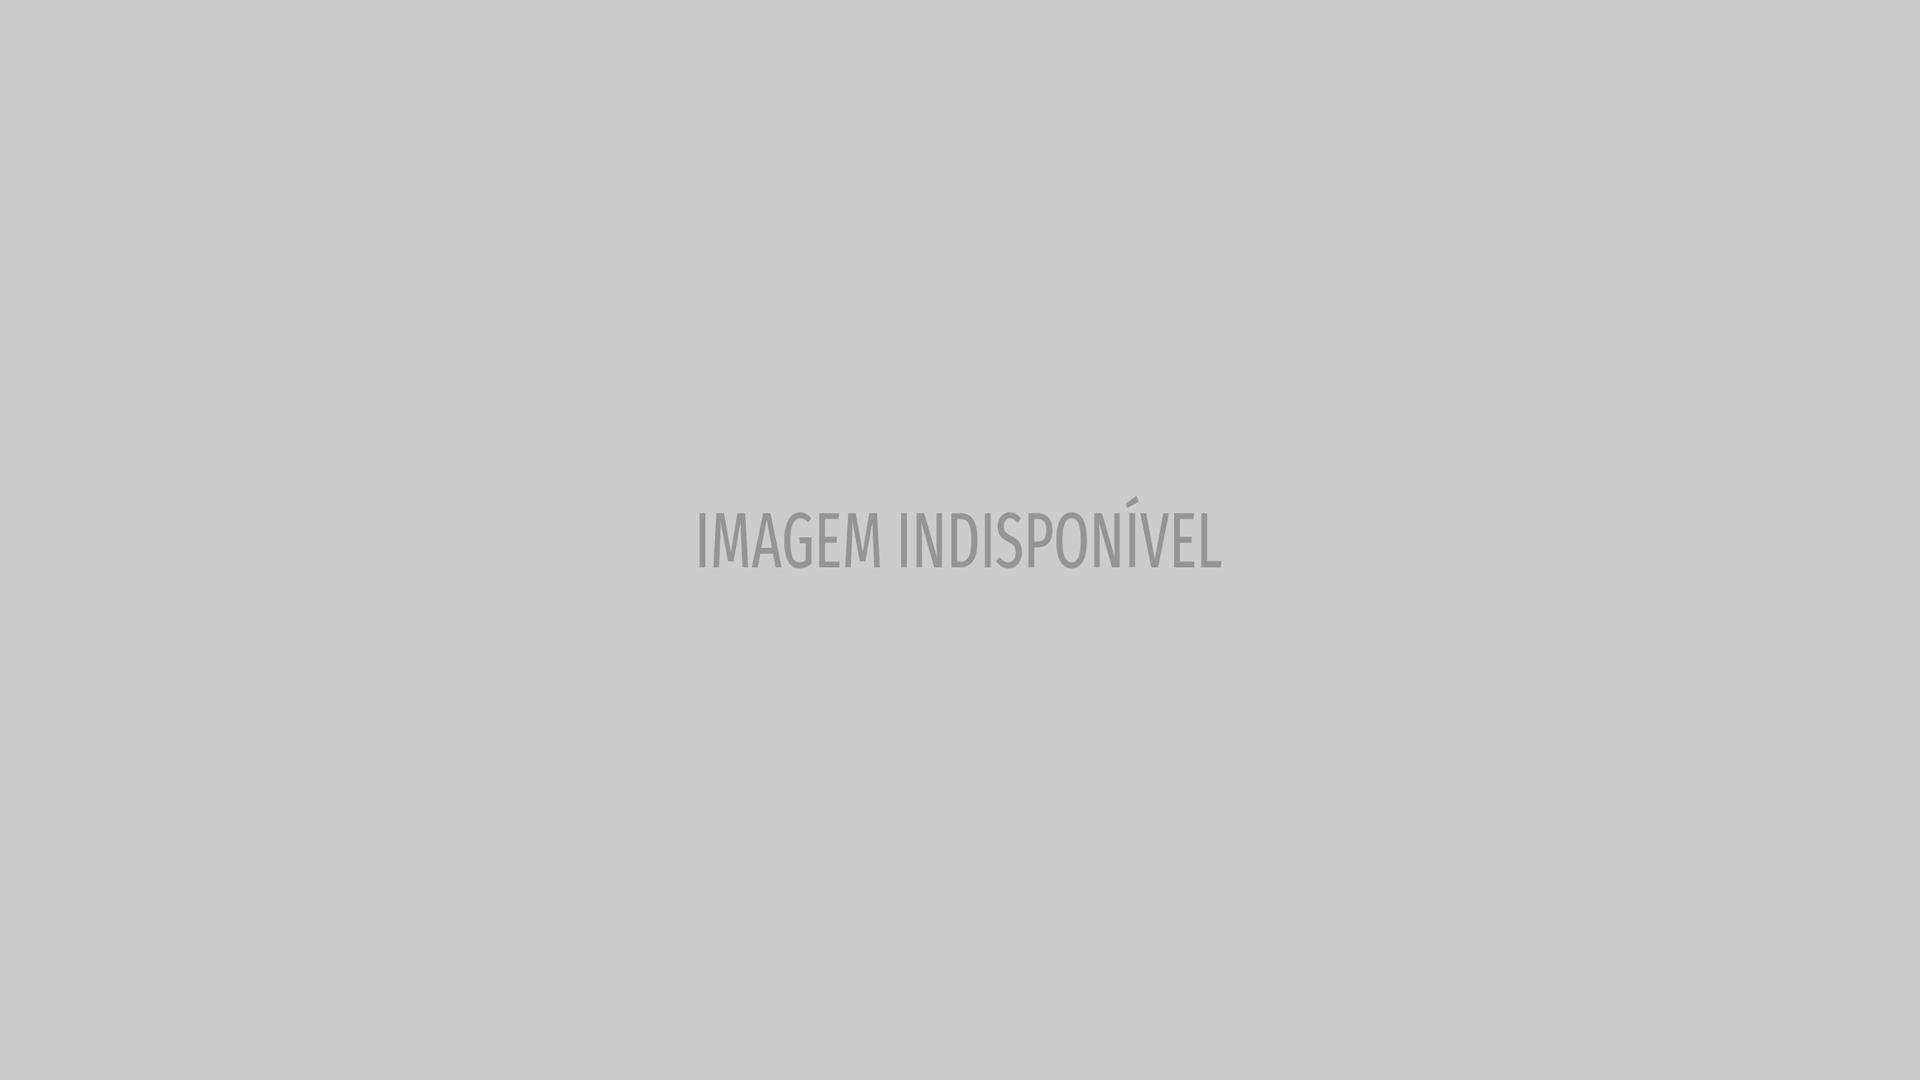 Angela Bismarchi comemora diploma de pastora: 'Eu era uma pecadora'